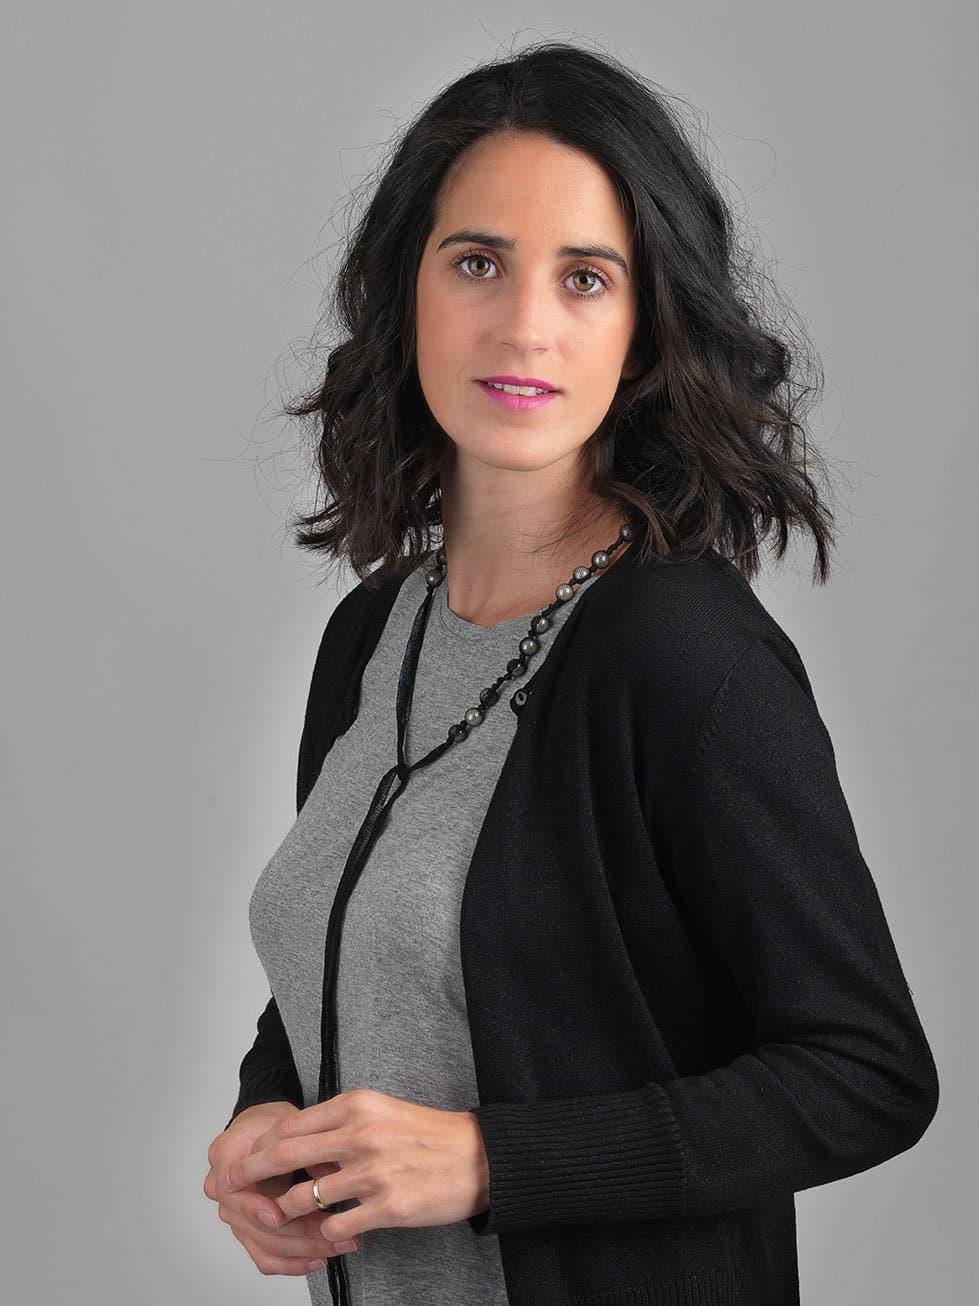 Beralit González García Atlaxis centro de fisioterapia y osteopatia